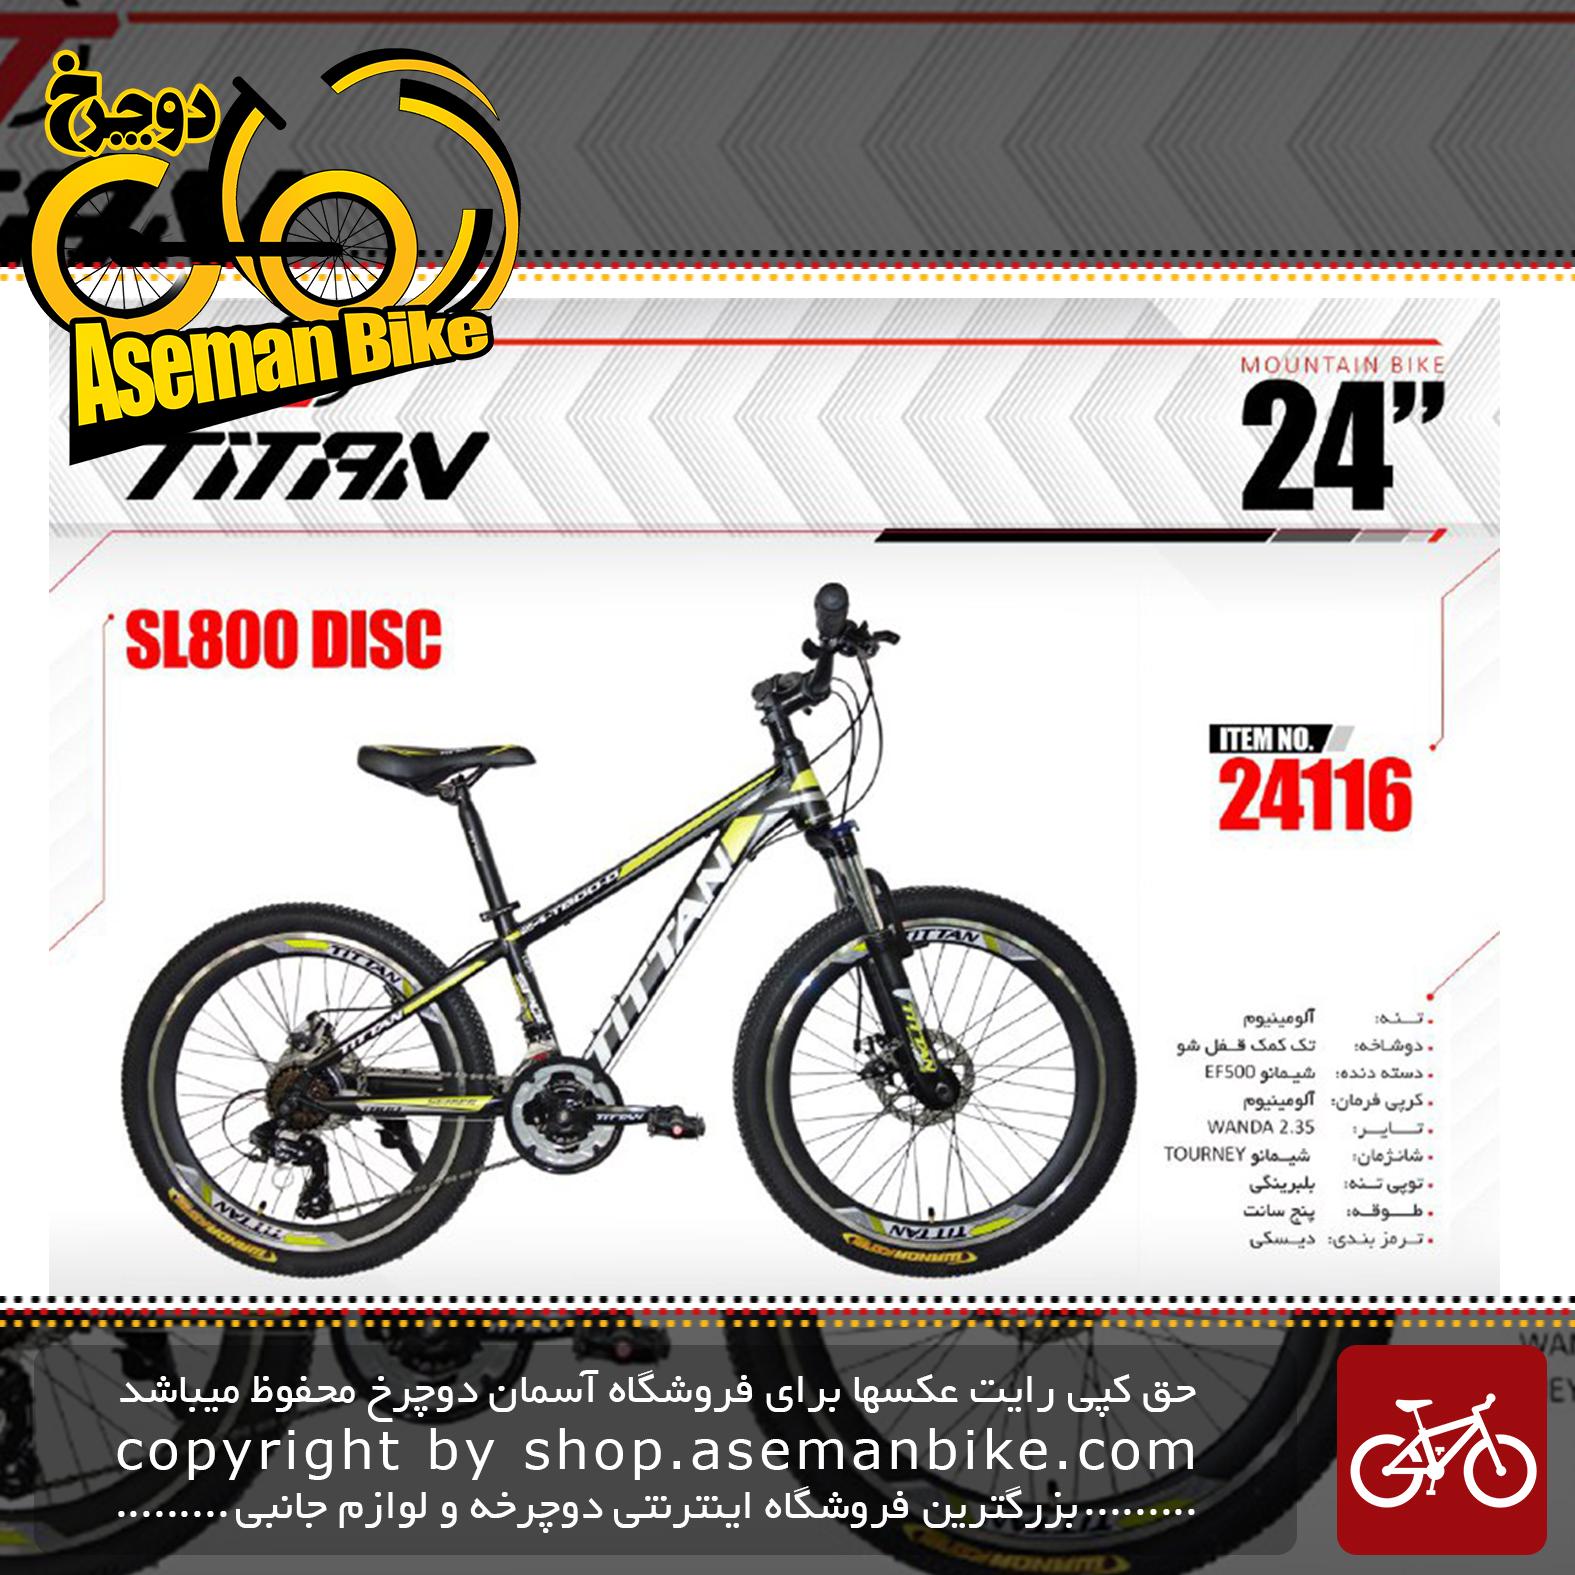 دوچرخه کوهستان تایتان سایز 24دیسک مدل اس ال 800 TITAN SIZE 20 SL 800 DISC